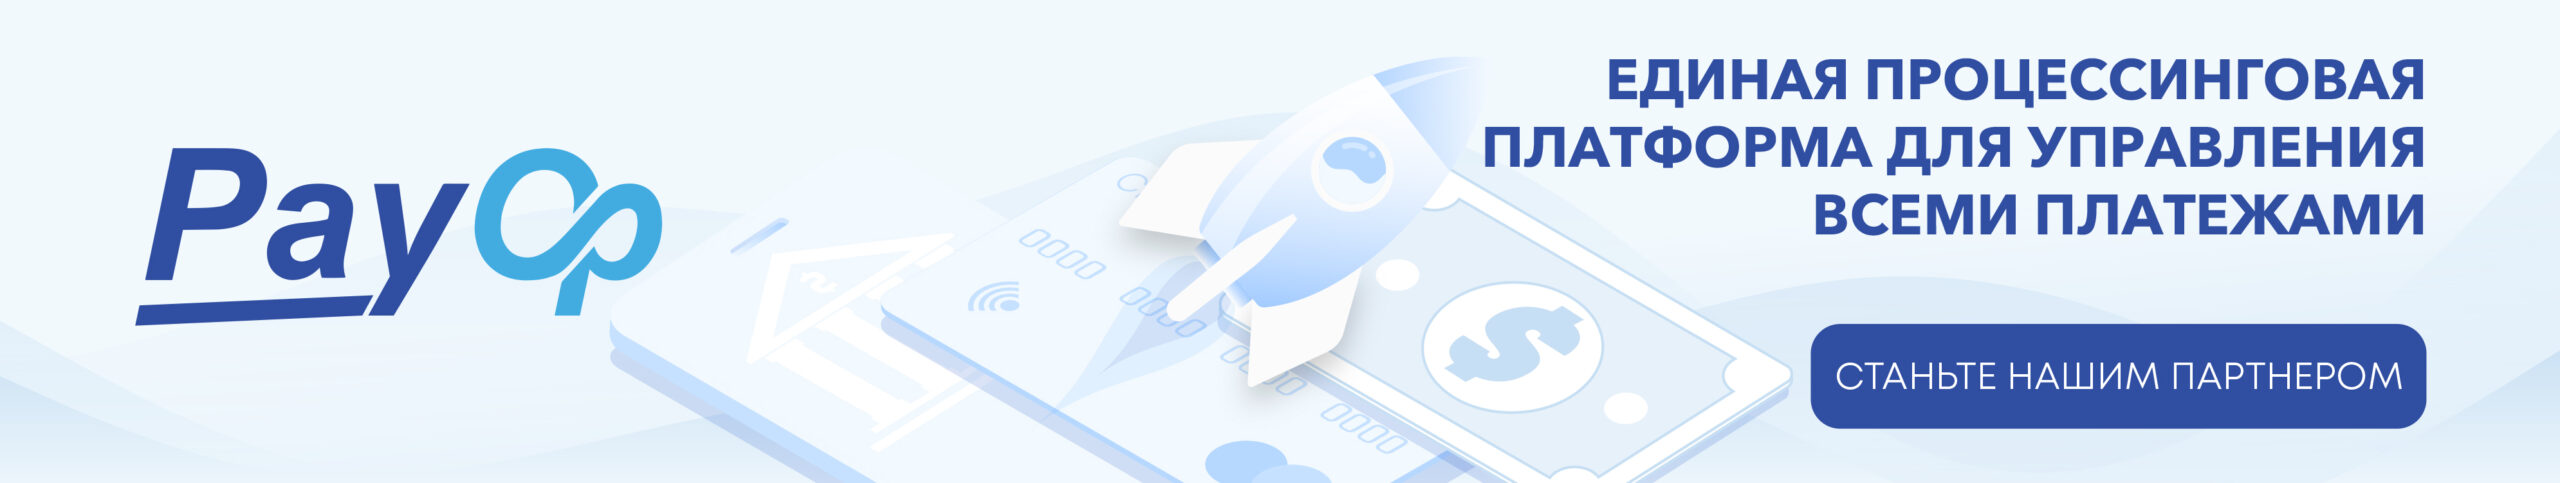 Альтернативы PayPal для хай риск бизнеса в 2021 году